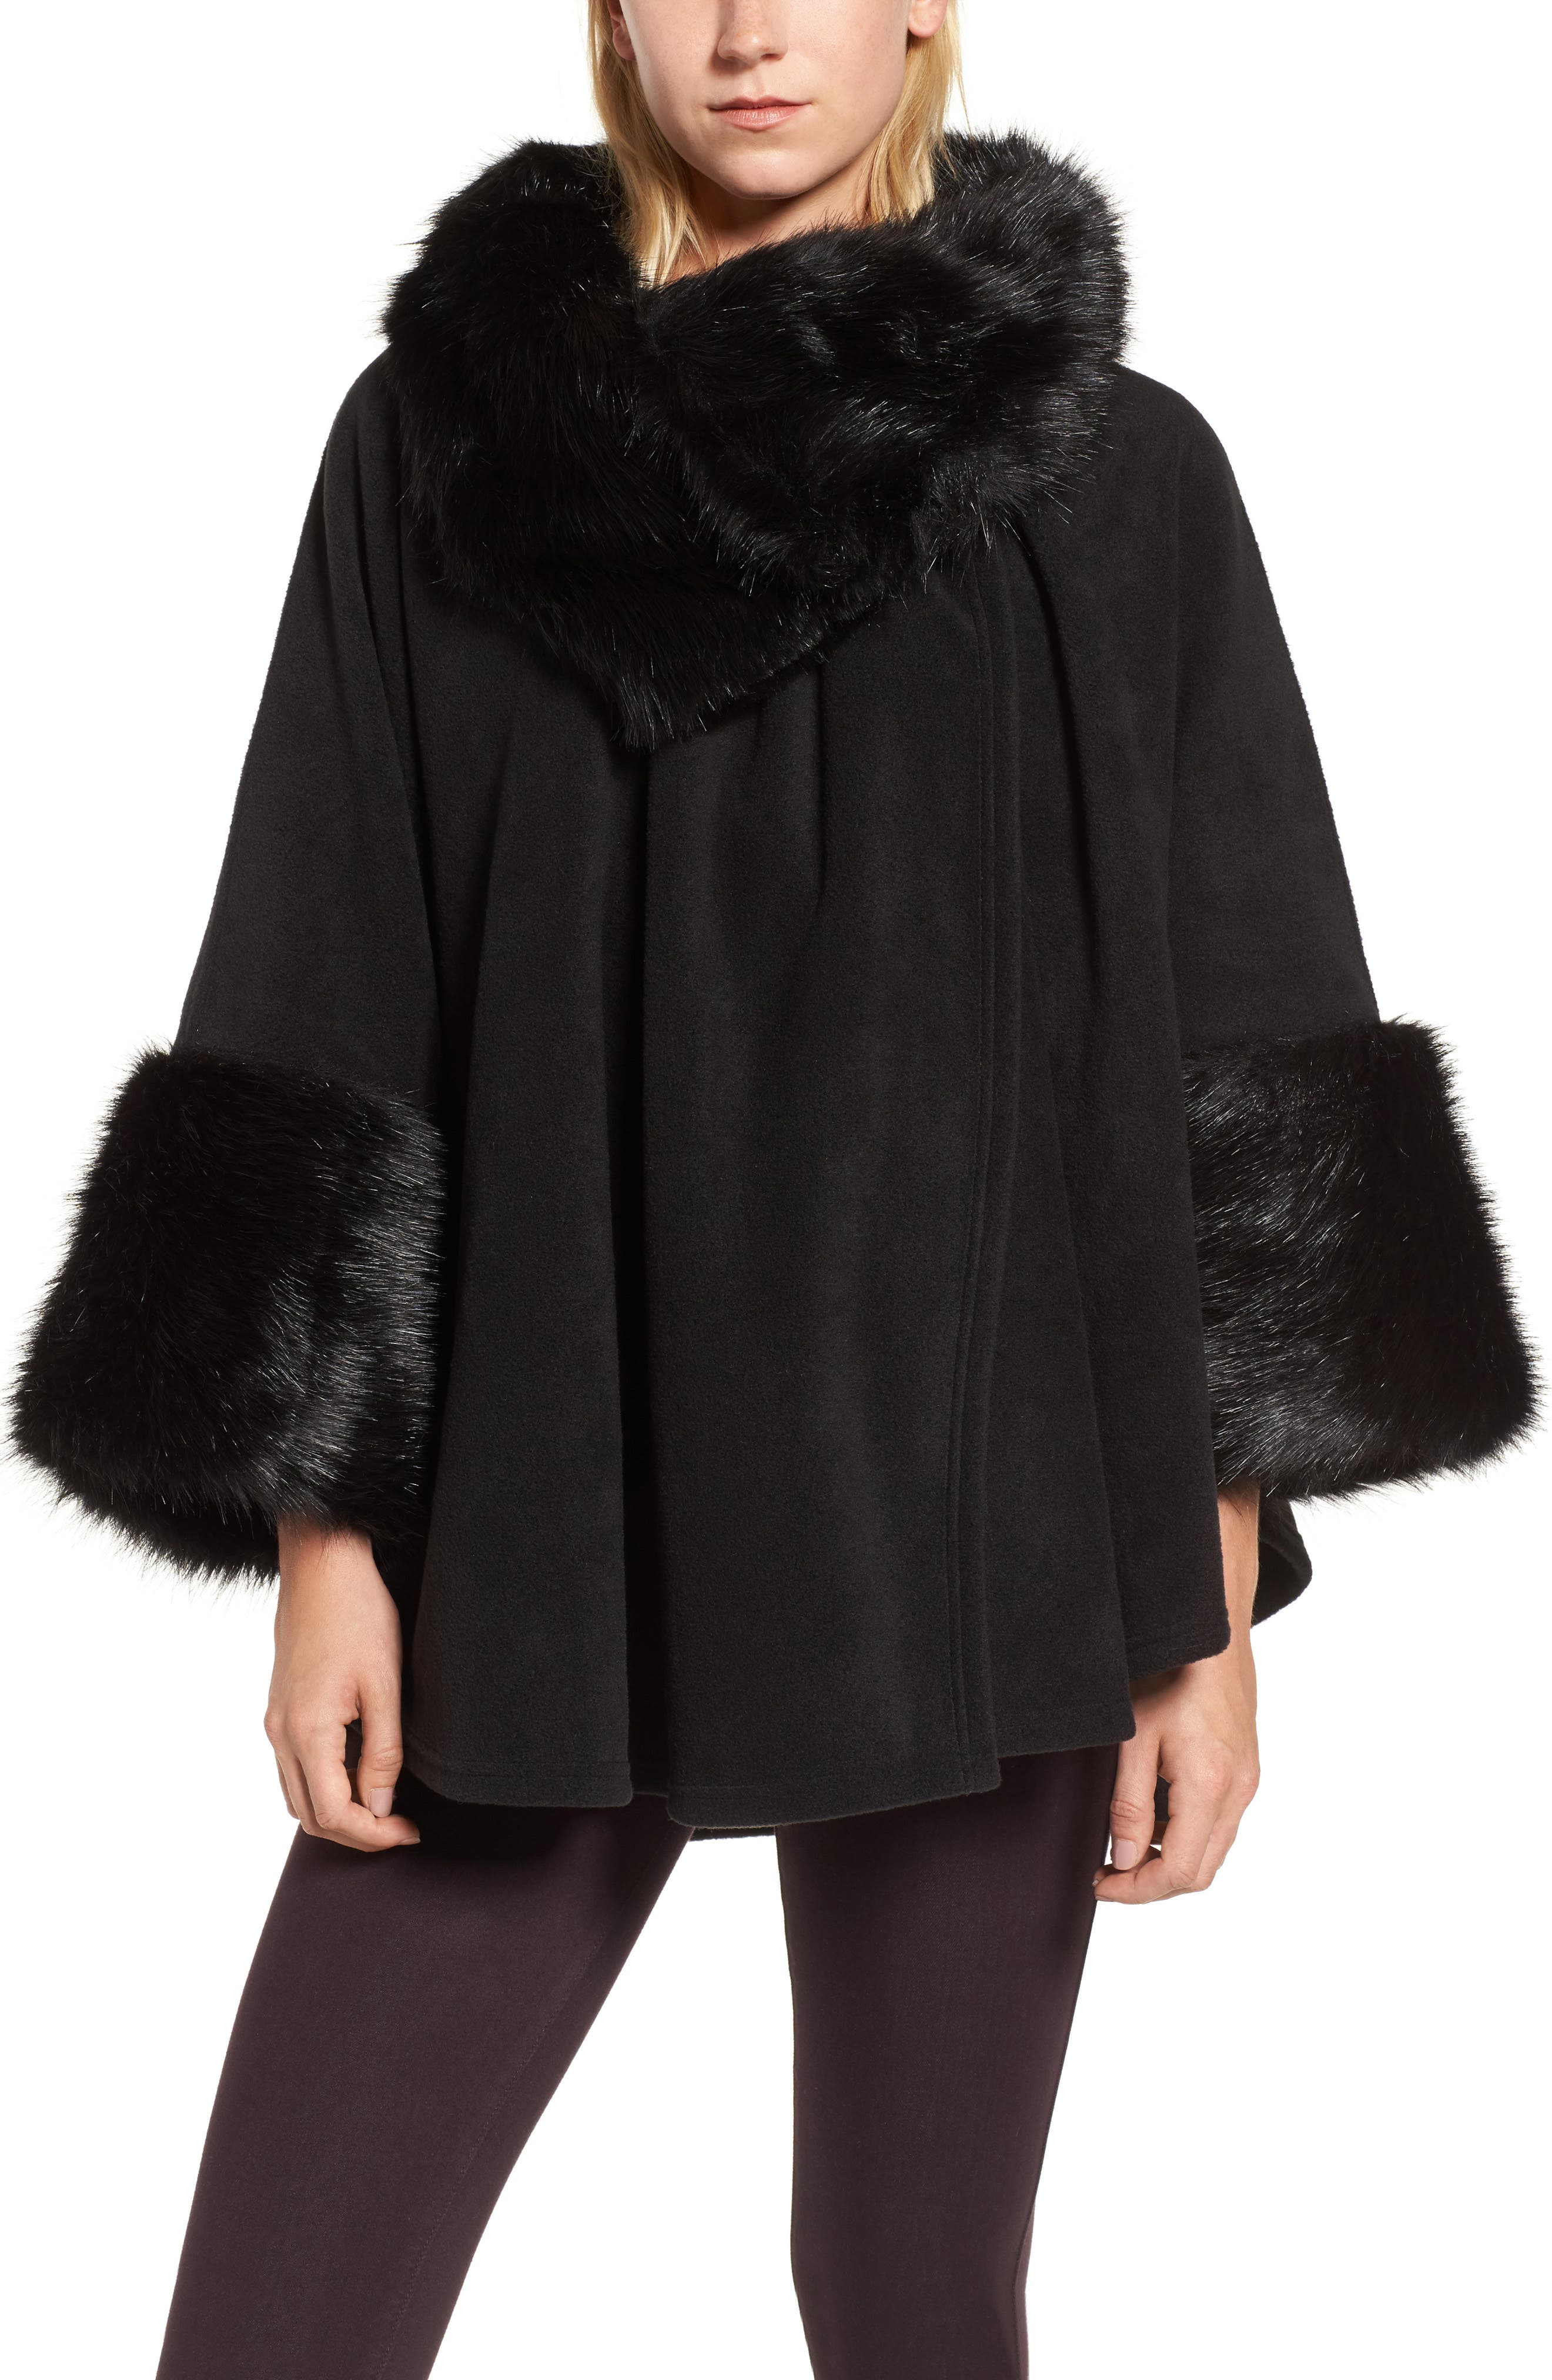 Chelsea Cape with Faux Fur Trim,                             Main thumbnail 1, color,                             001